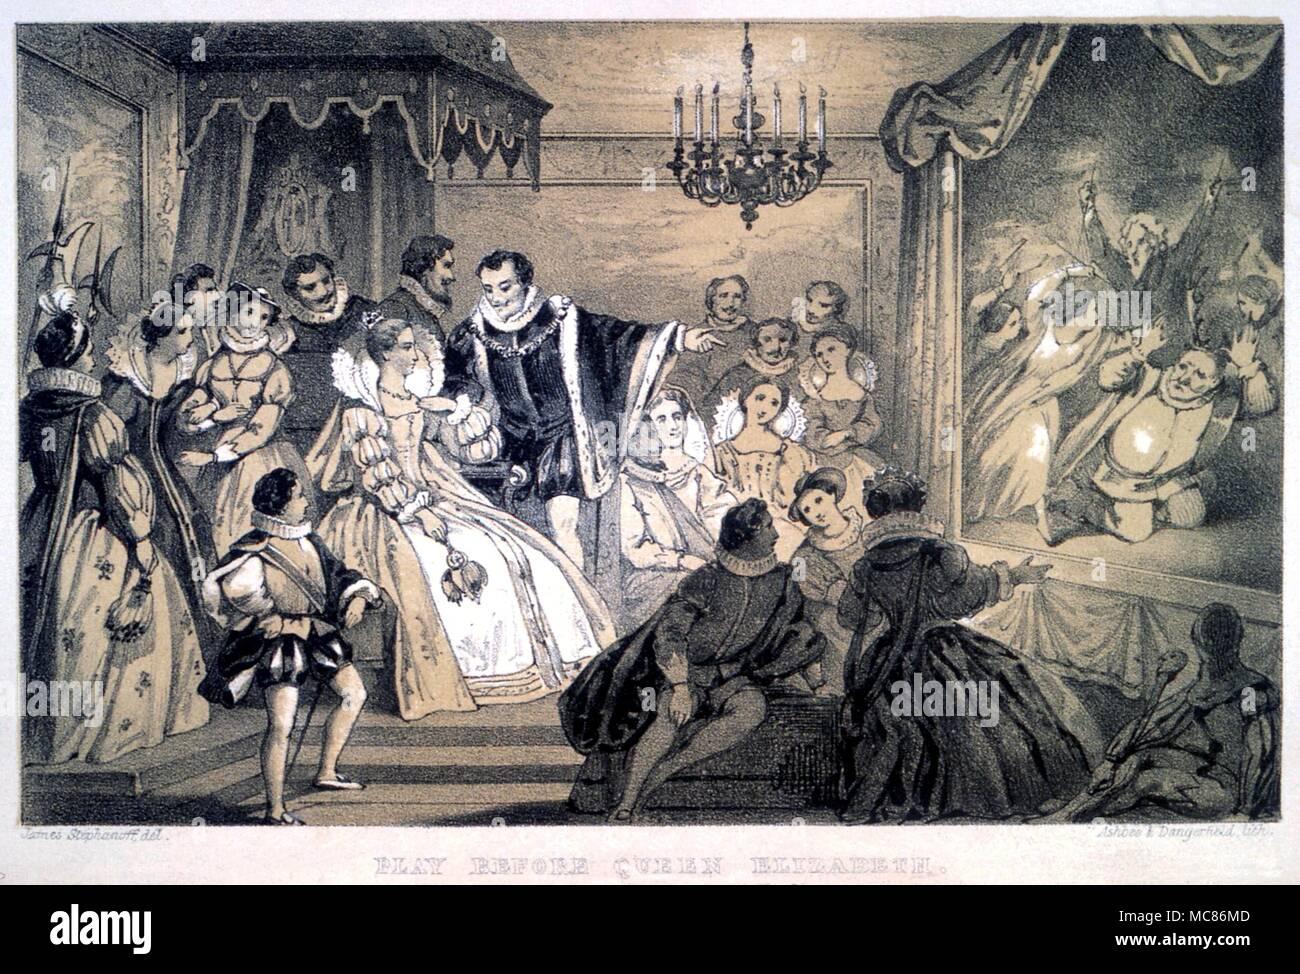 Weihnachtslieder Geschichte.Weihnachten Spielen Durchgeführt Bevor Elizabeth I Chromo